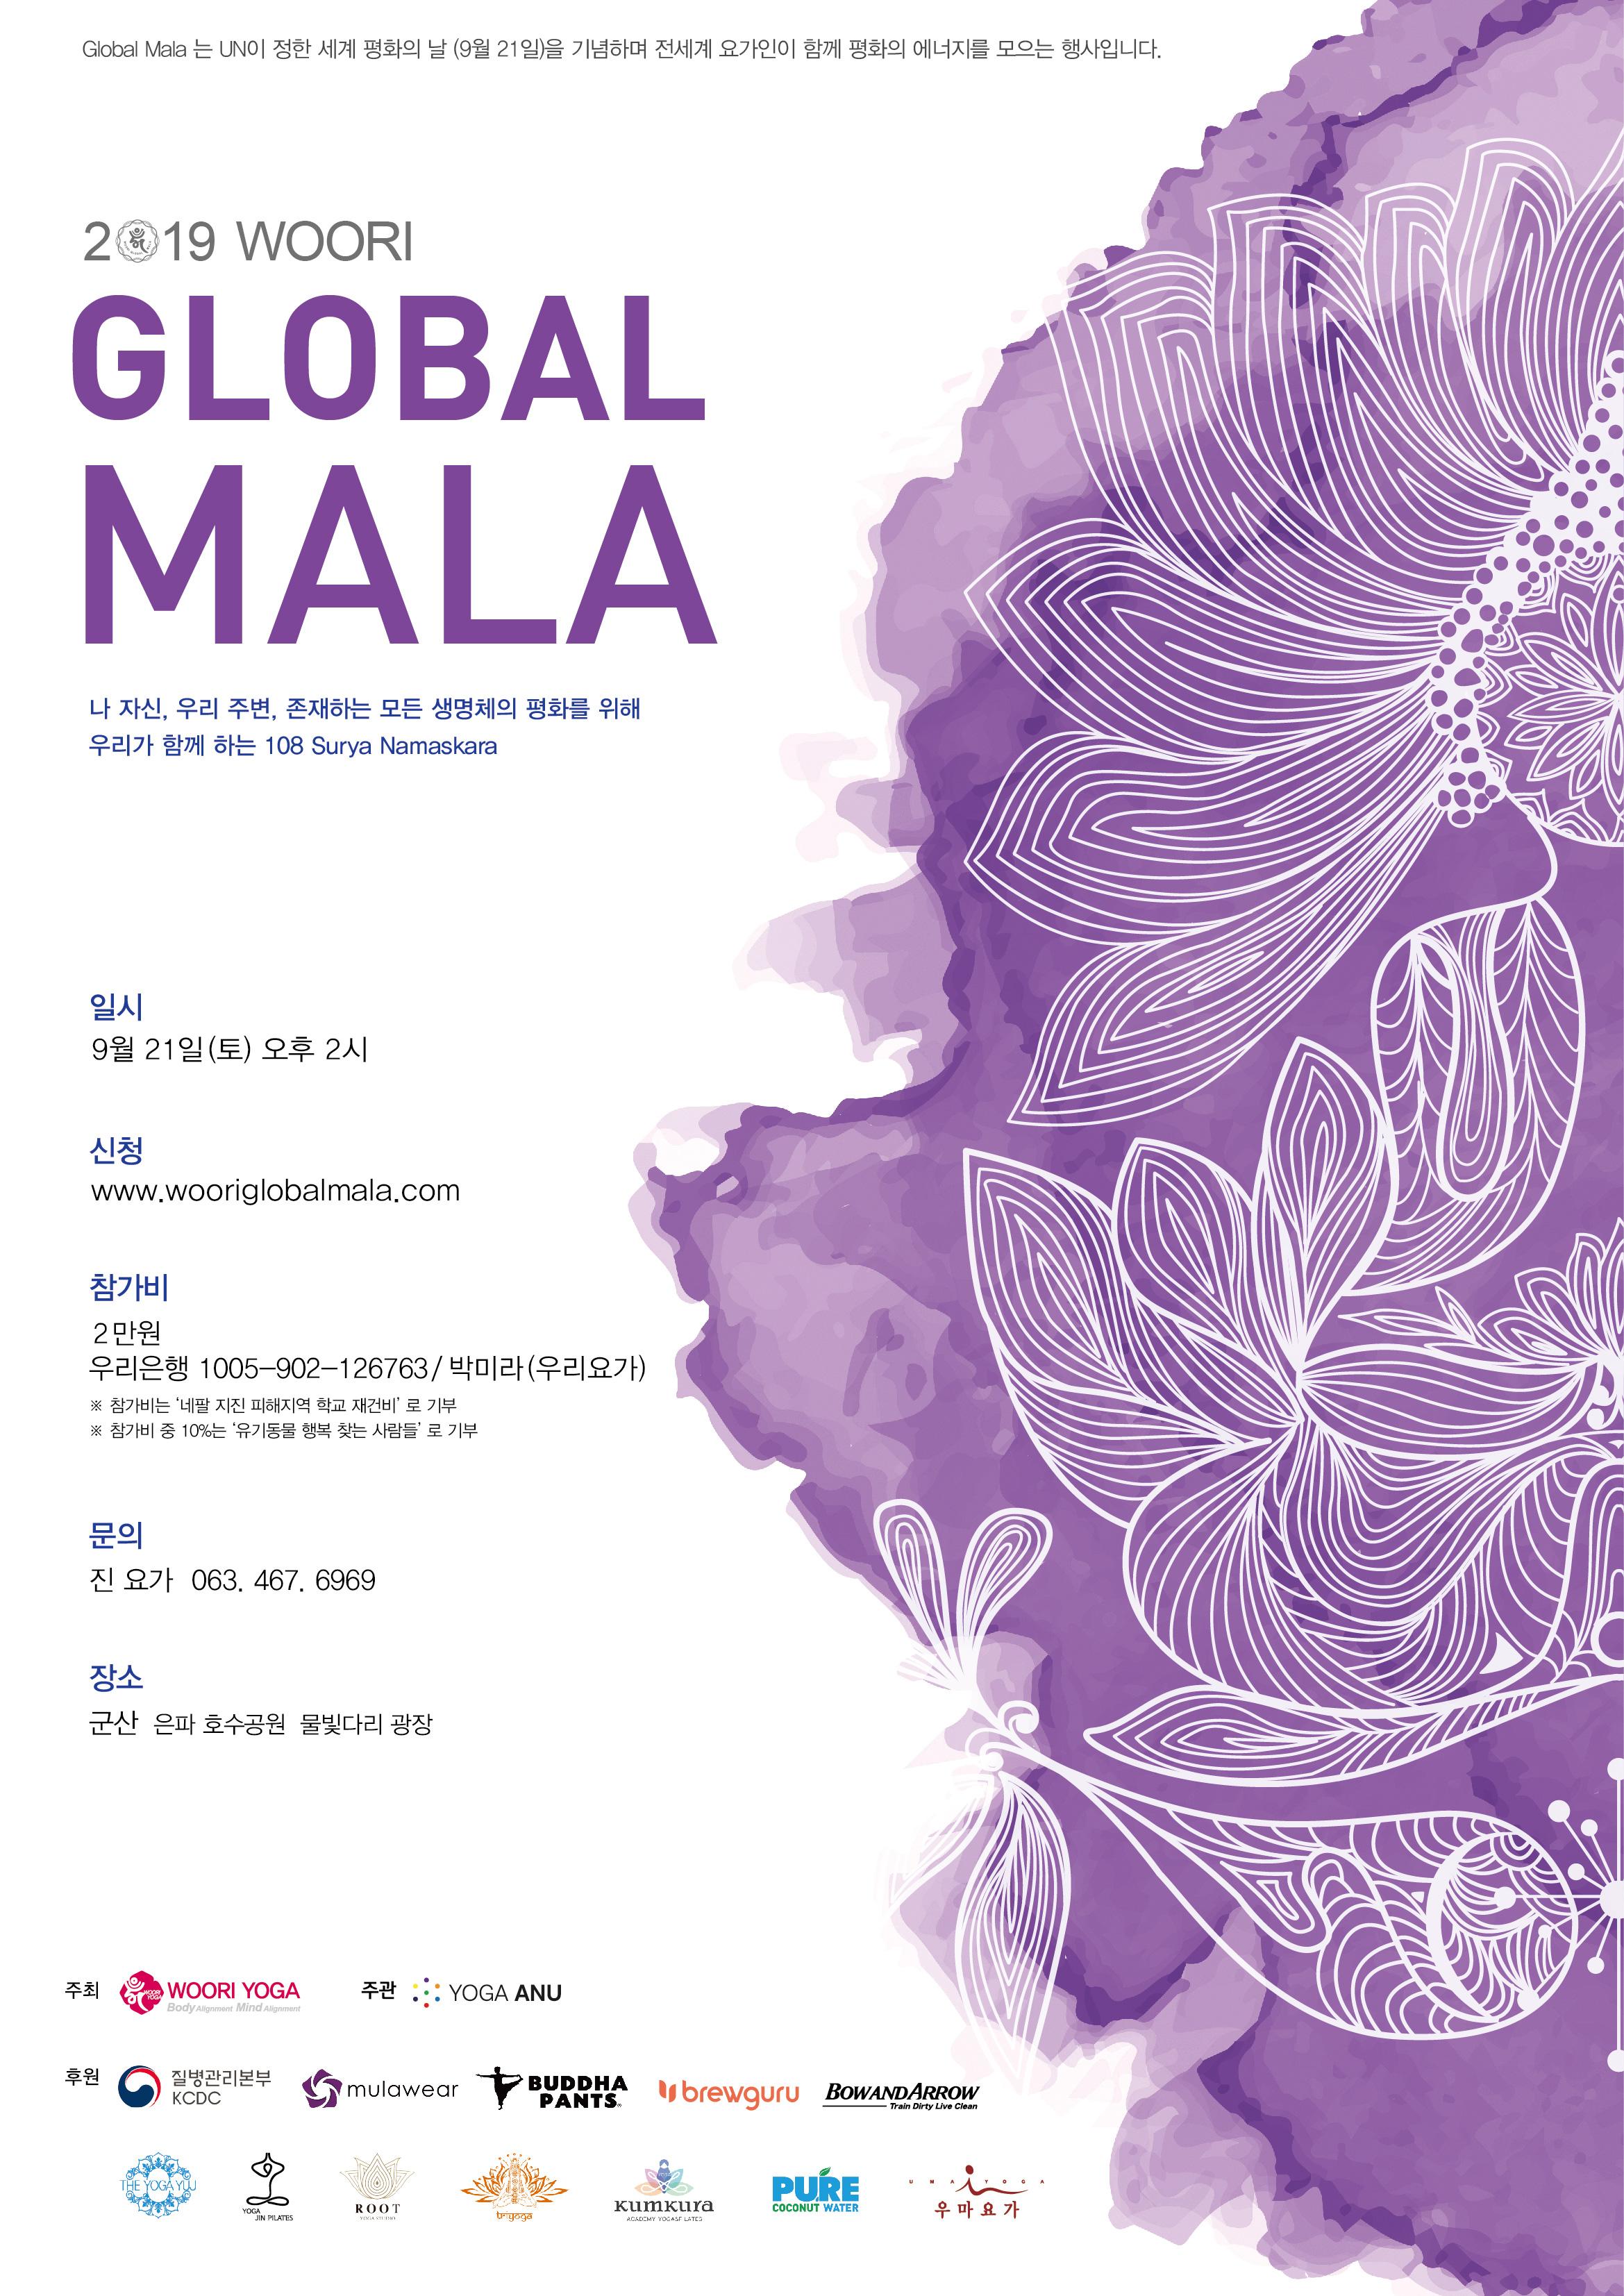 2019 우리 글로벌 말라 - 군산.jpg